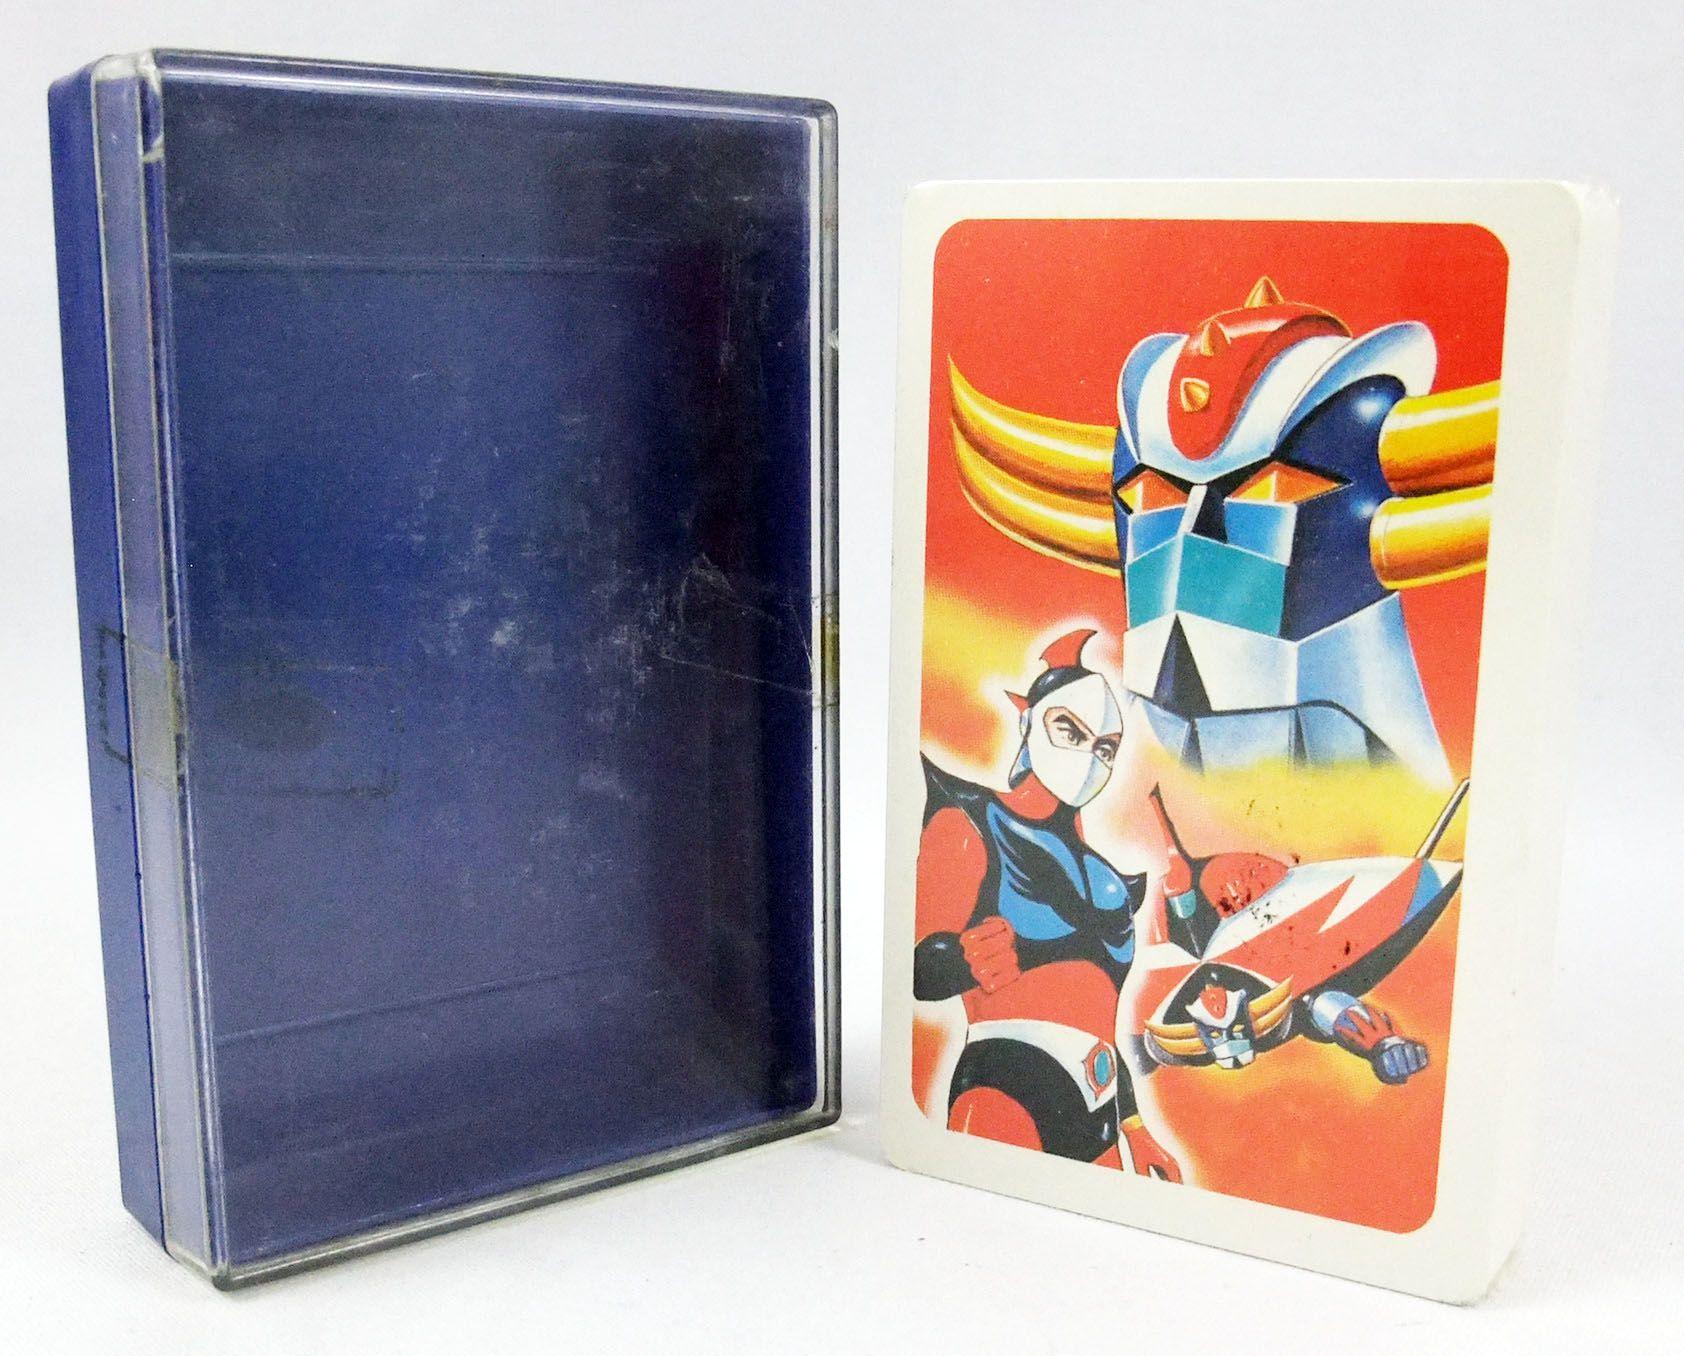 Goldorak - Jeu de cartes à jouer (neuf en boite) - Toei Doga Japon 1976